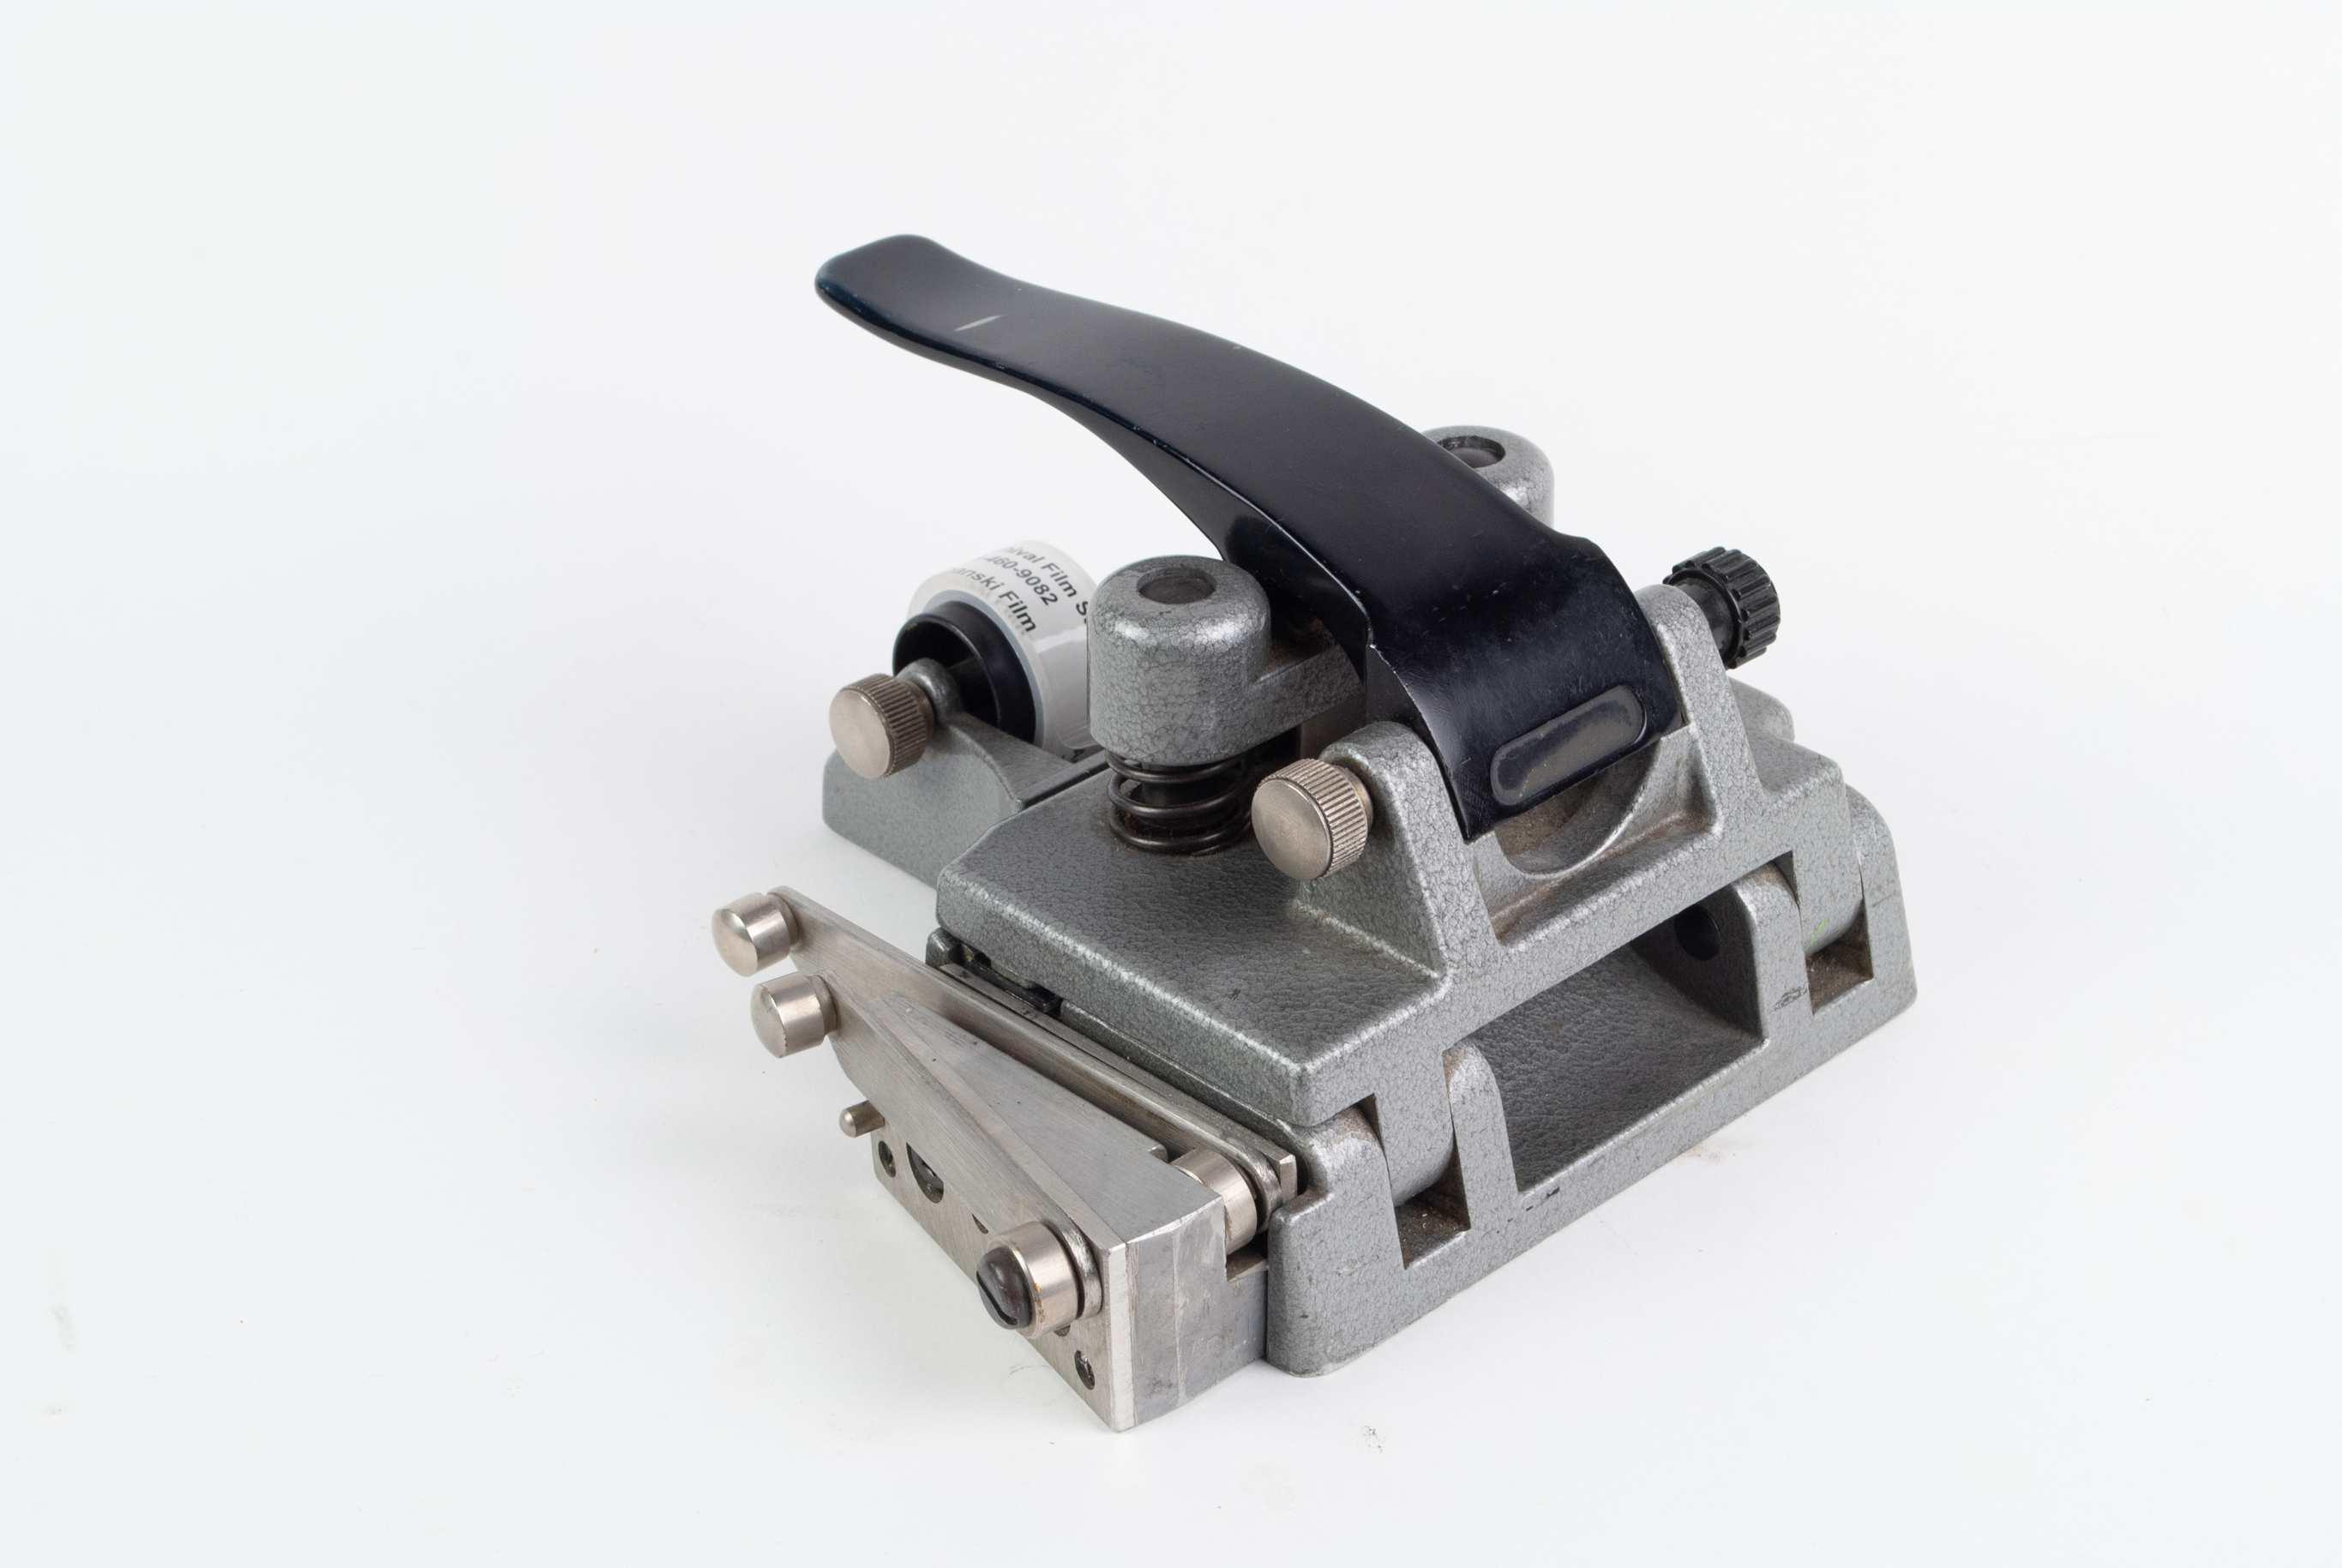 CIR 16mm splicer (FPB A-2025) (used)